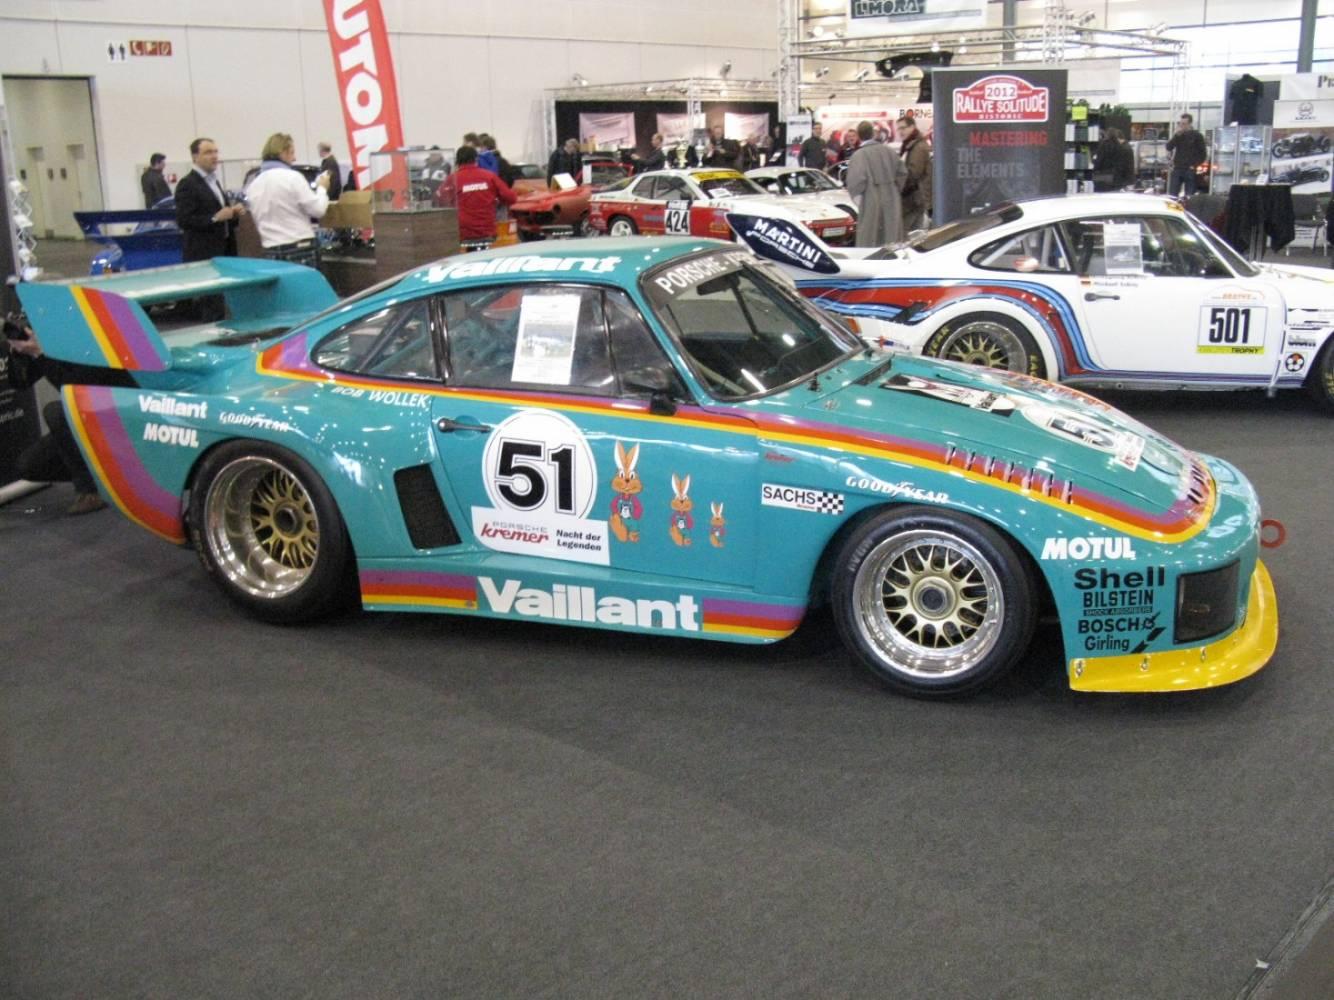 Porsche 935 K2 (Foto: nakhon - CC BY 2.0)